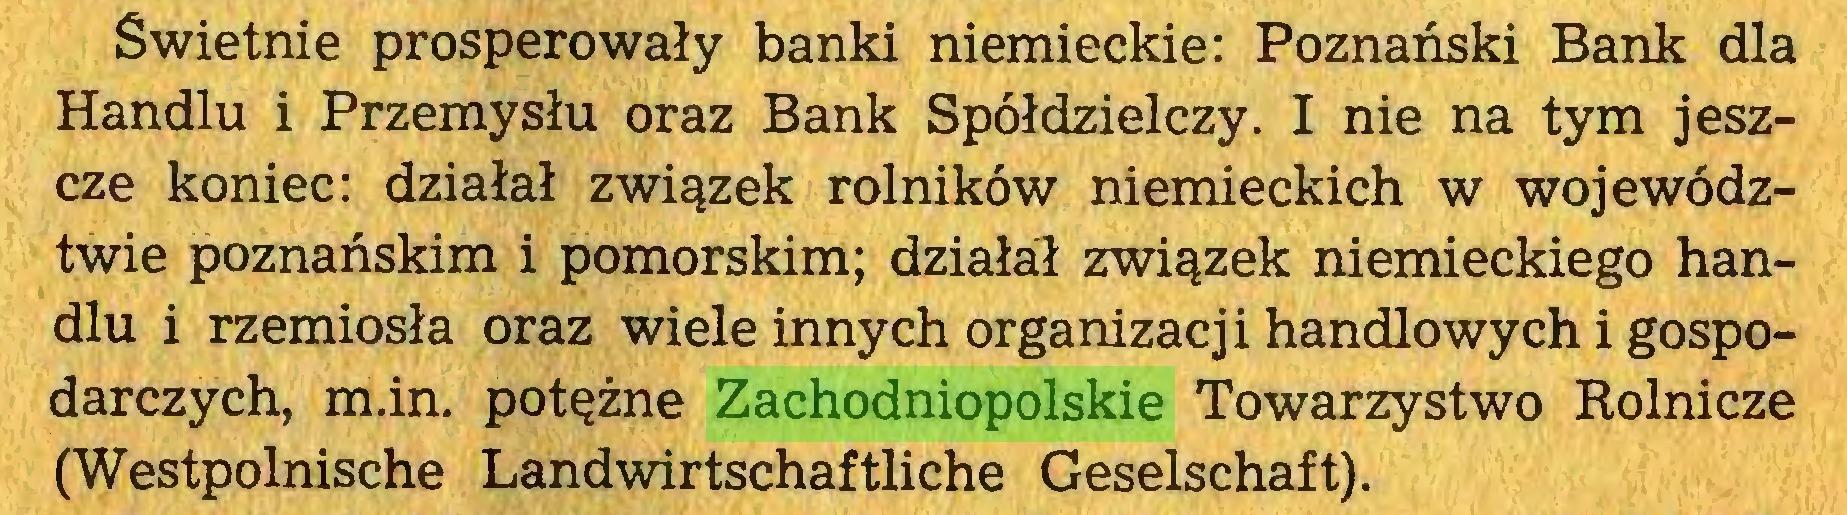 (...) Świetnie prosperowały banki niemieckie: Poznański Bank dla Handlu i Przemysłu oraz Bank Spółdzielczy. I nie na tym jeszcze koniec: działał związek rolników niemieckich w województwie poznańskim i pomorskim; działa:! związek niemieckiego handlu i rzemiosła oraz wiele innych organizacji handlowych i gospodarczych, m.in. potężne Zachodniopolskie Towarzystwo Rolnicze (Westpolnische Landwirtschaftliche Geselschaft)...